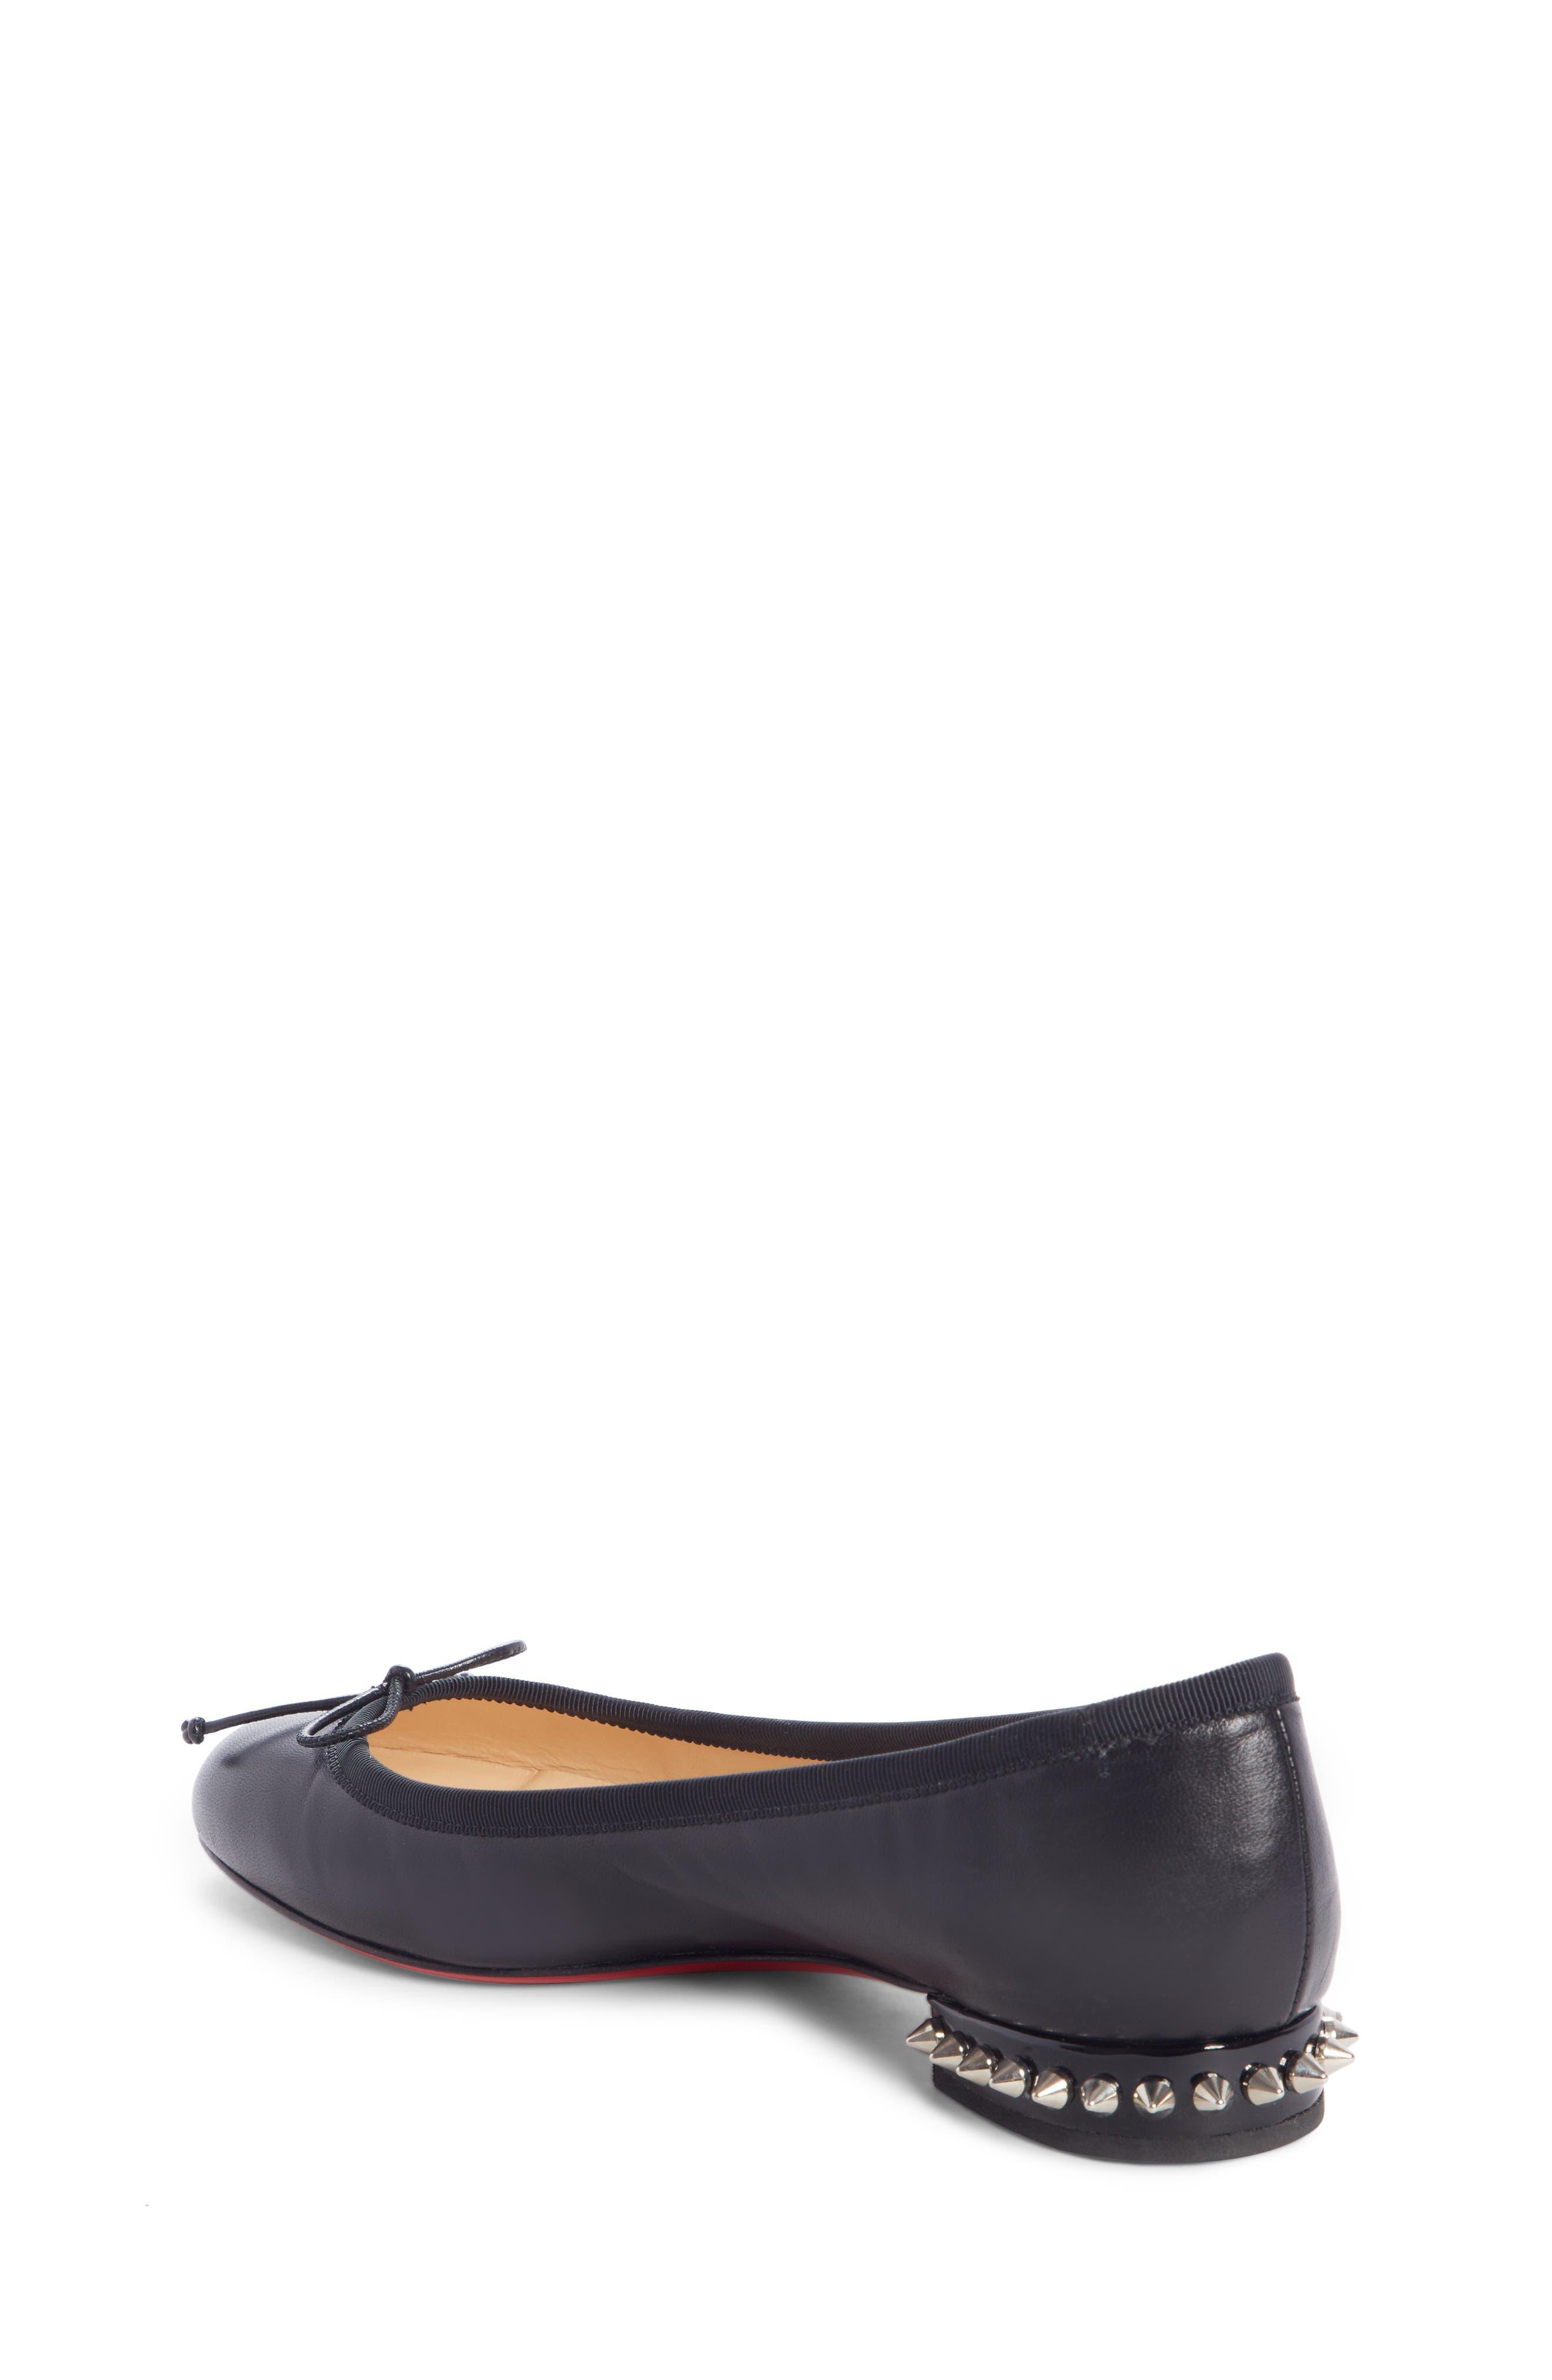 5163be97e09 Christian Louboutin Women s Flat Shoes